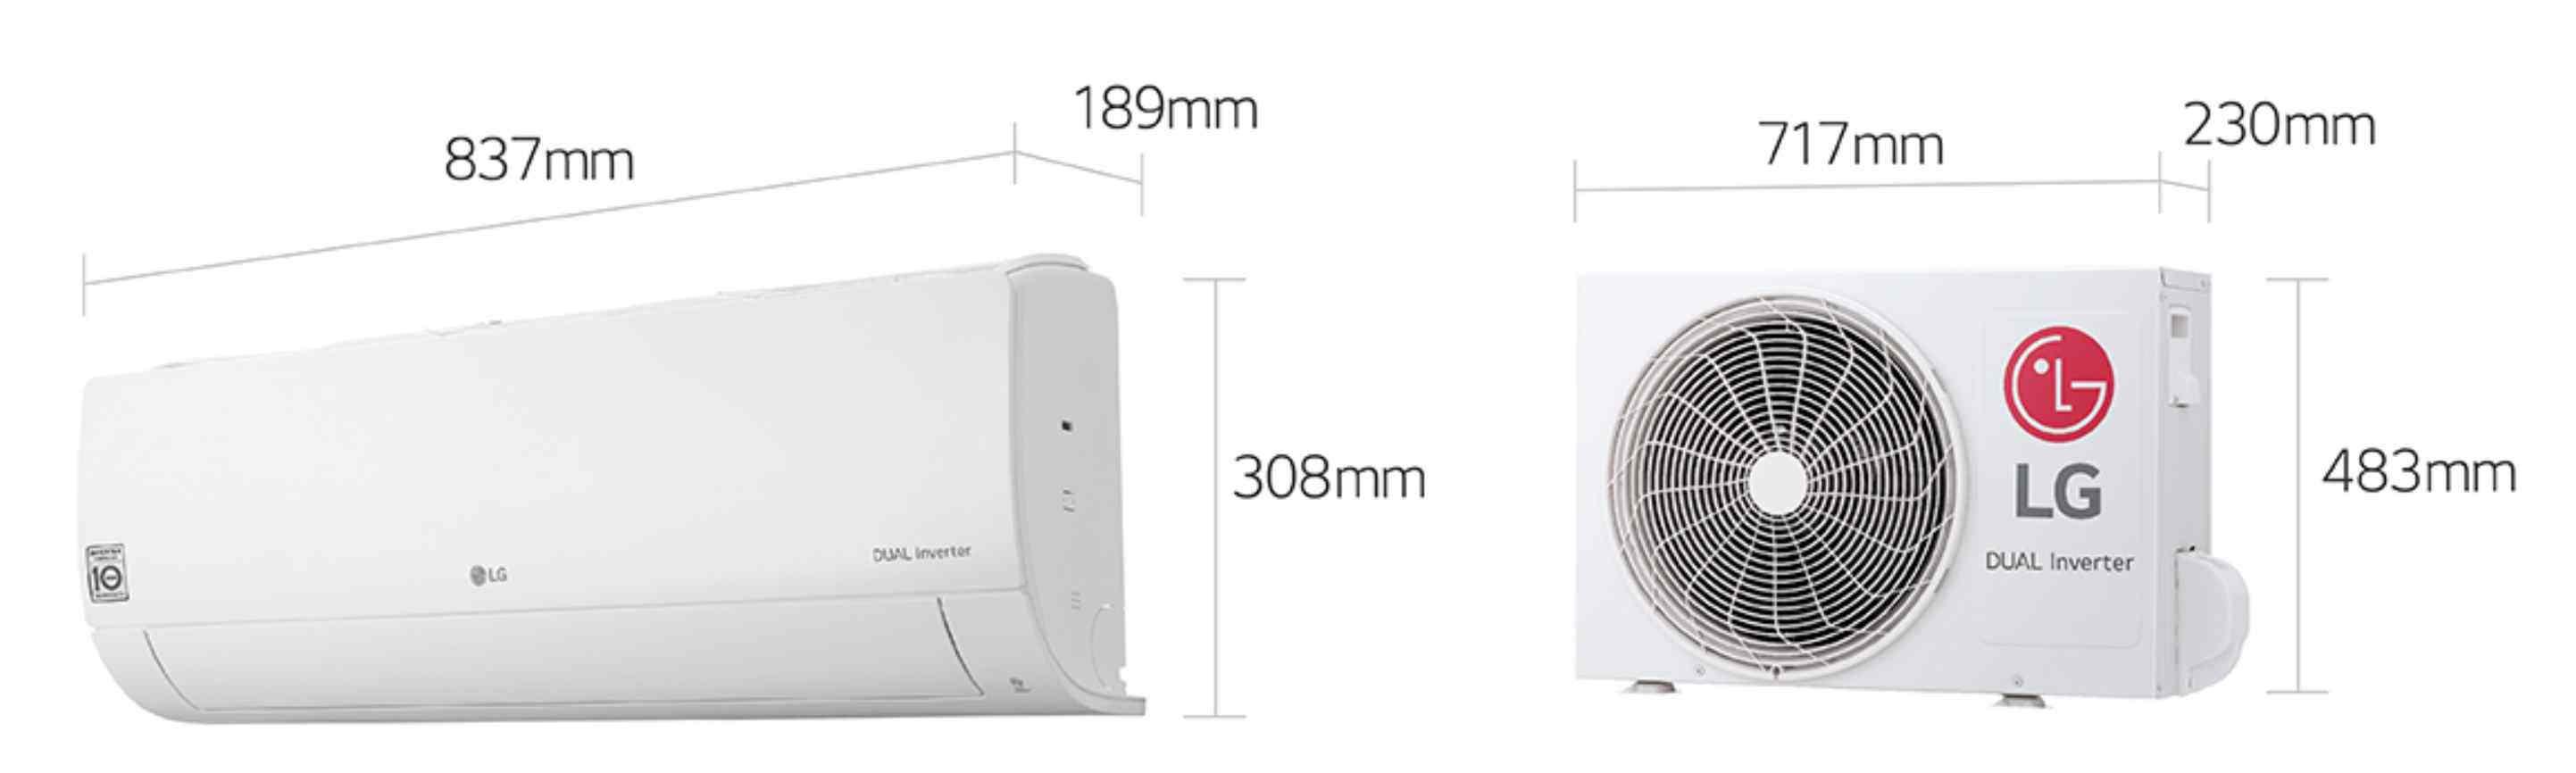 Precio Aire acondicionado LG Confort Connect PC12SQ